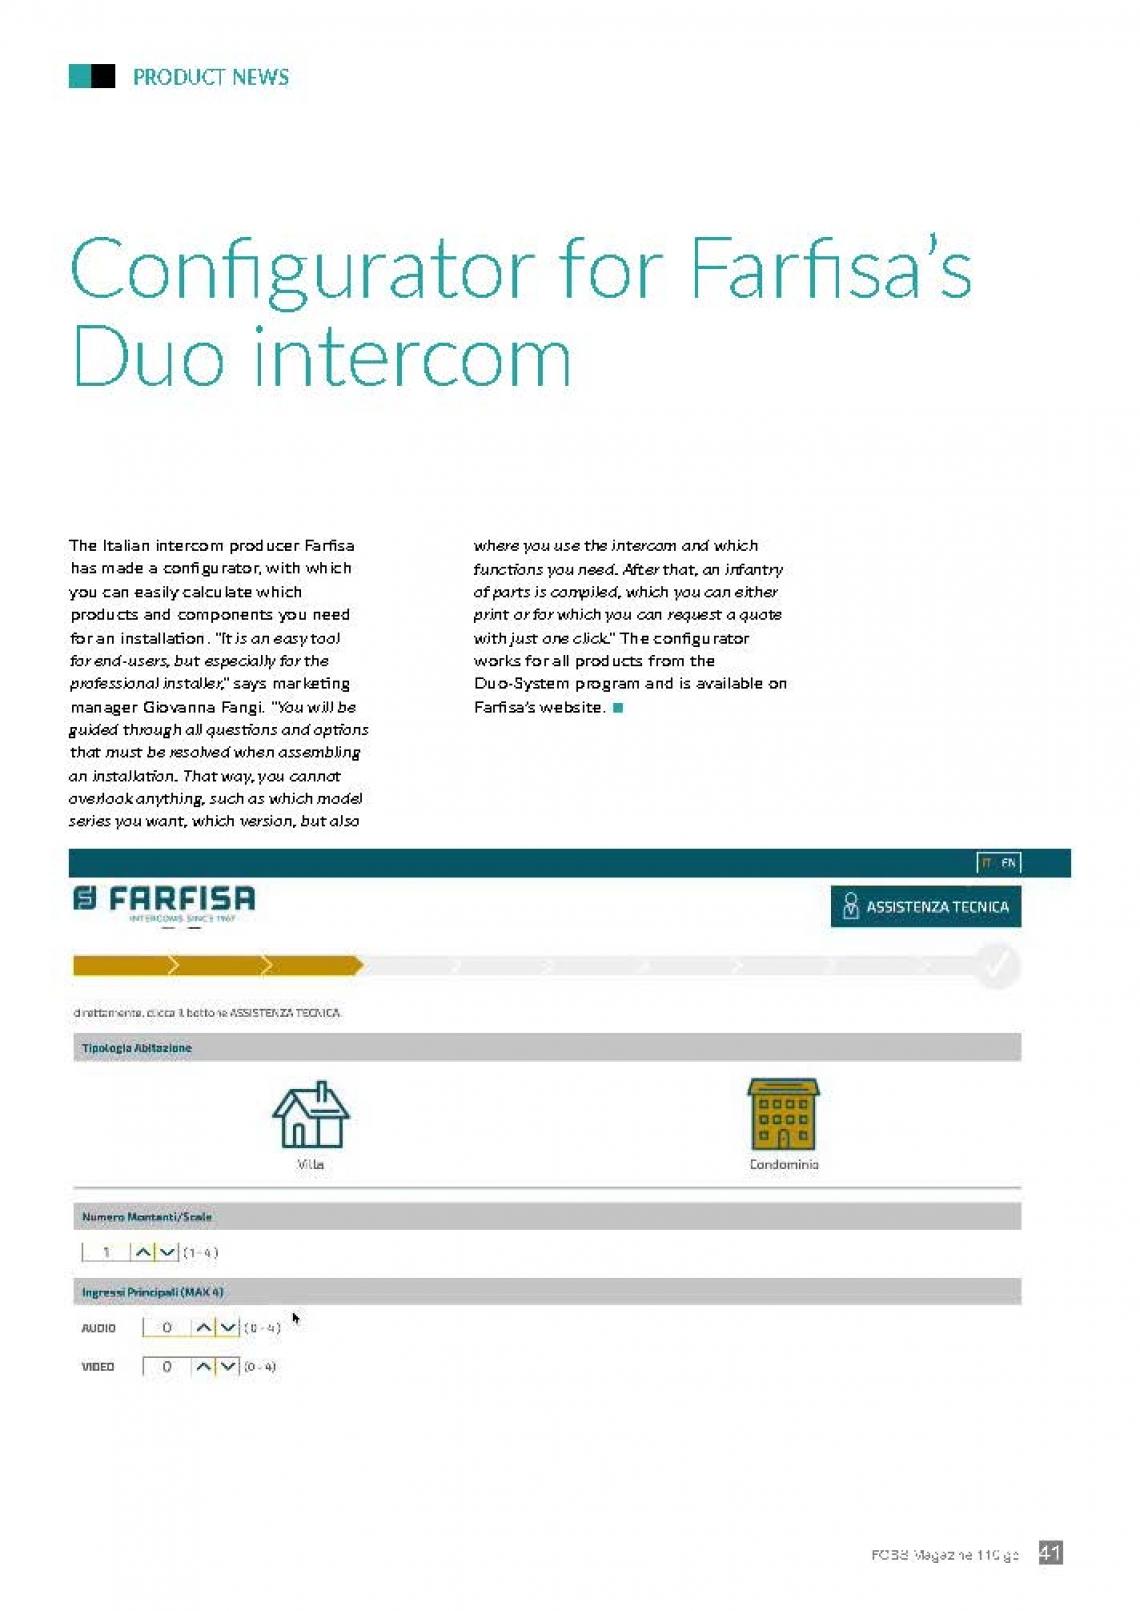 Configurator for Farfisa'Duo intercom